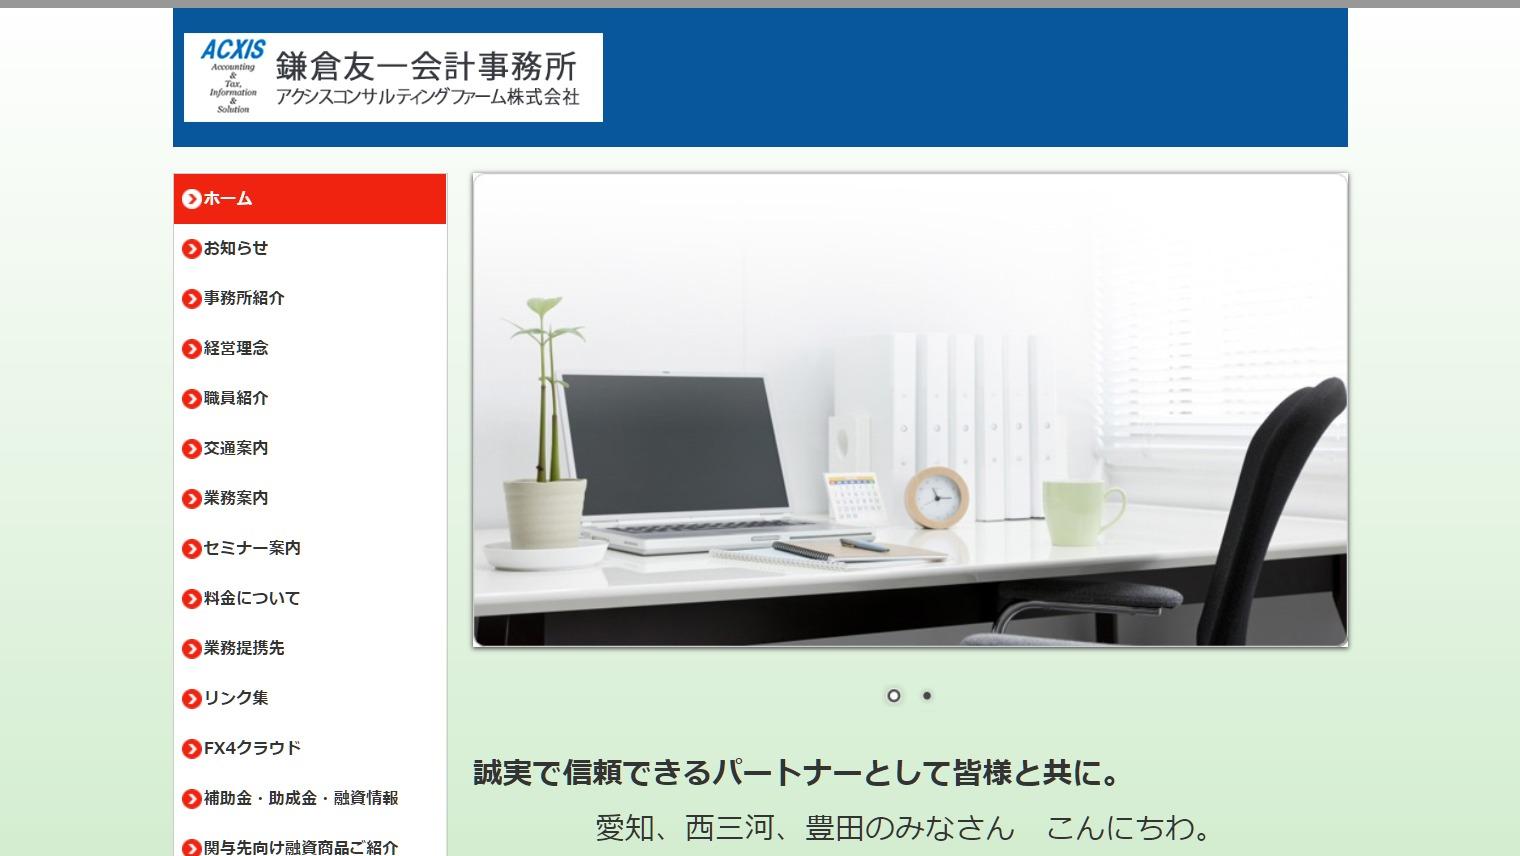 鎌倉友一会計事務所